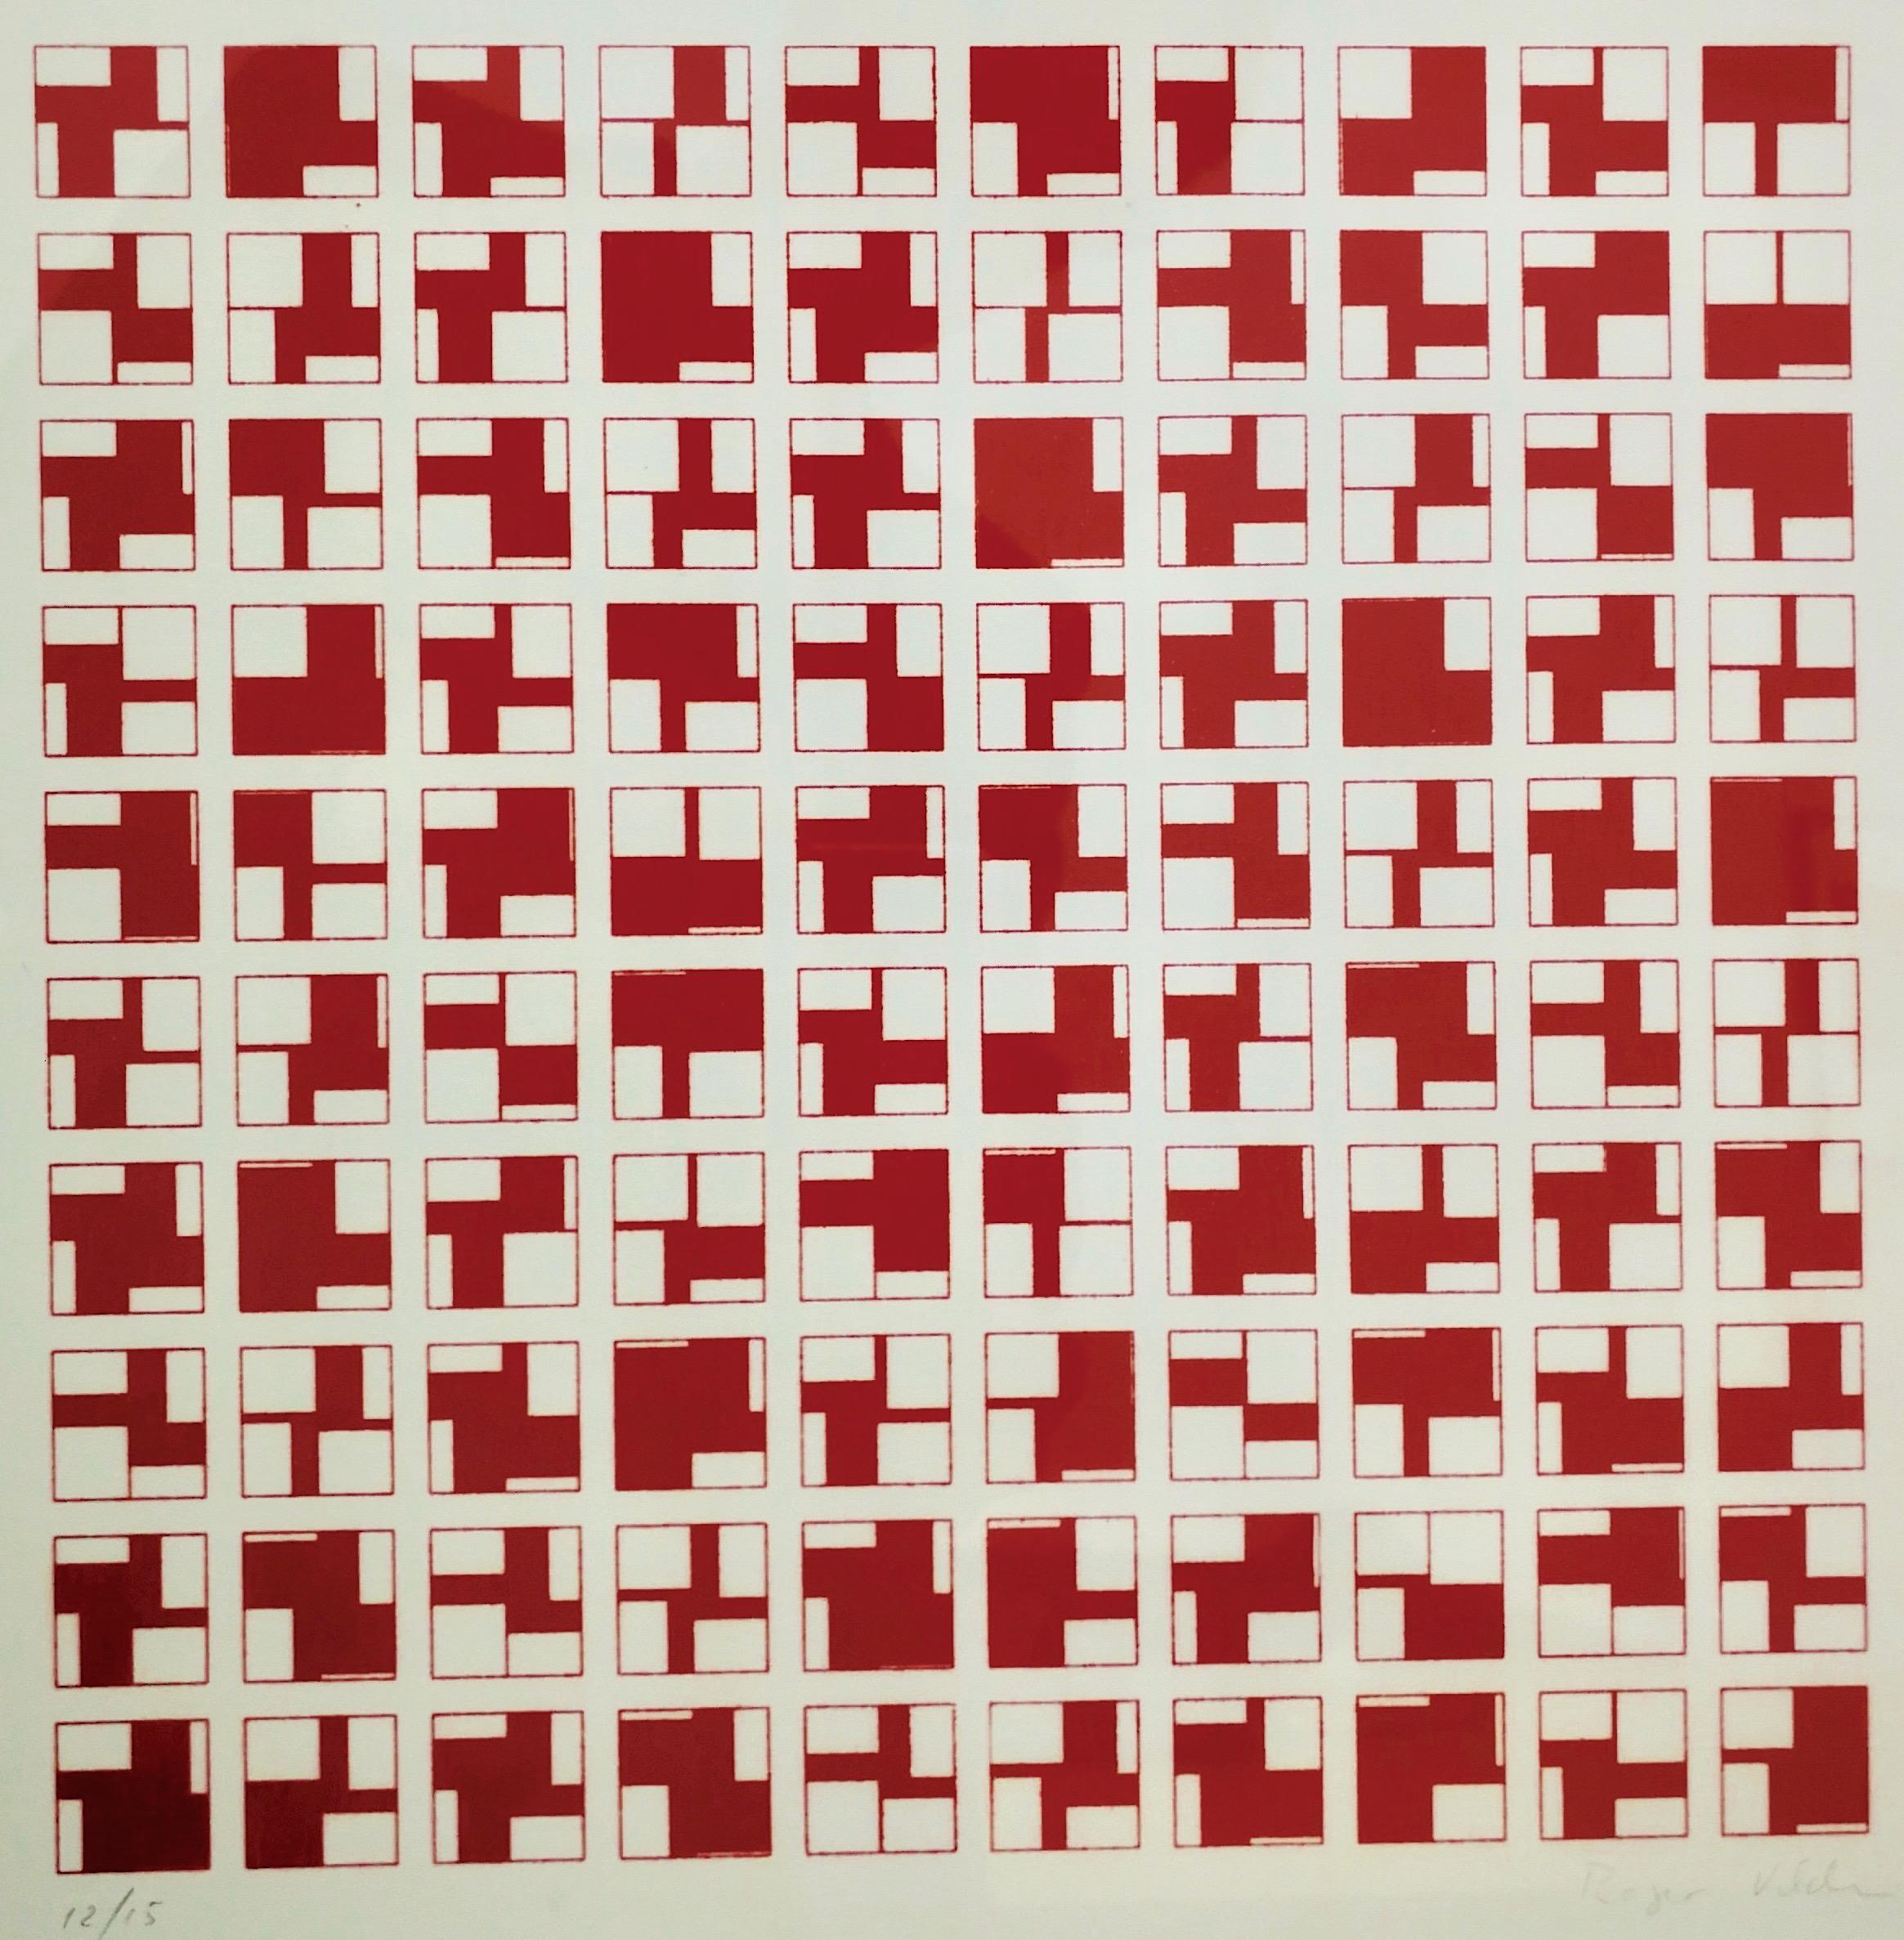 Roger Vilder, Ohne Titel, Siebdruck, 15 Exemplare, 50 x 67 cm, 1976